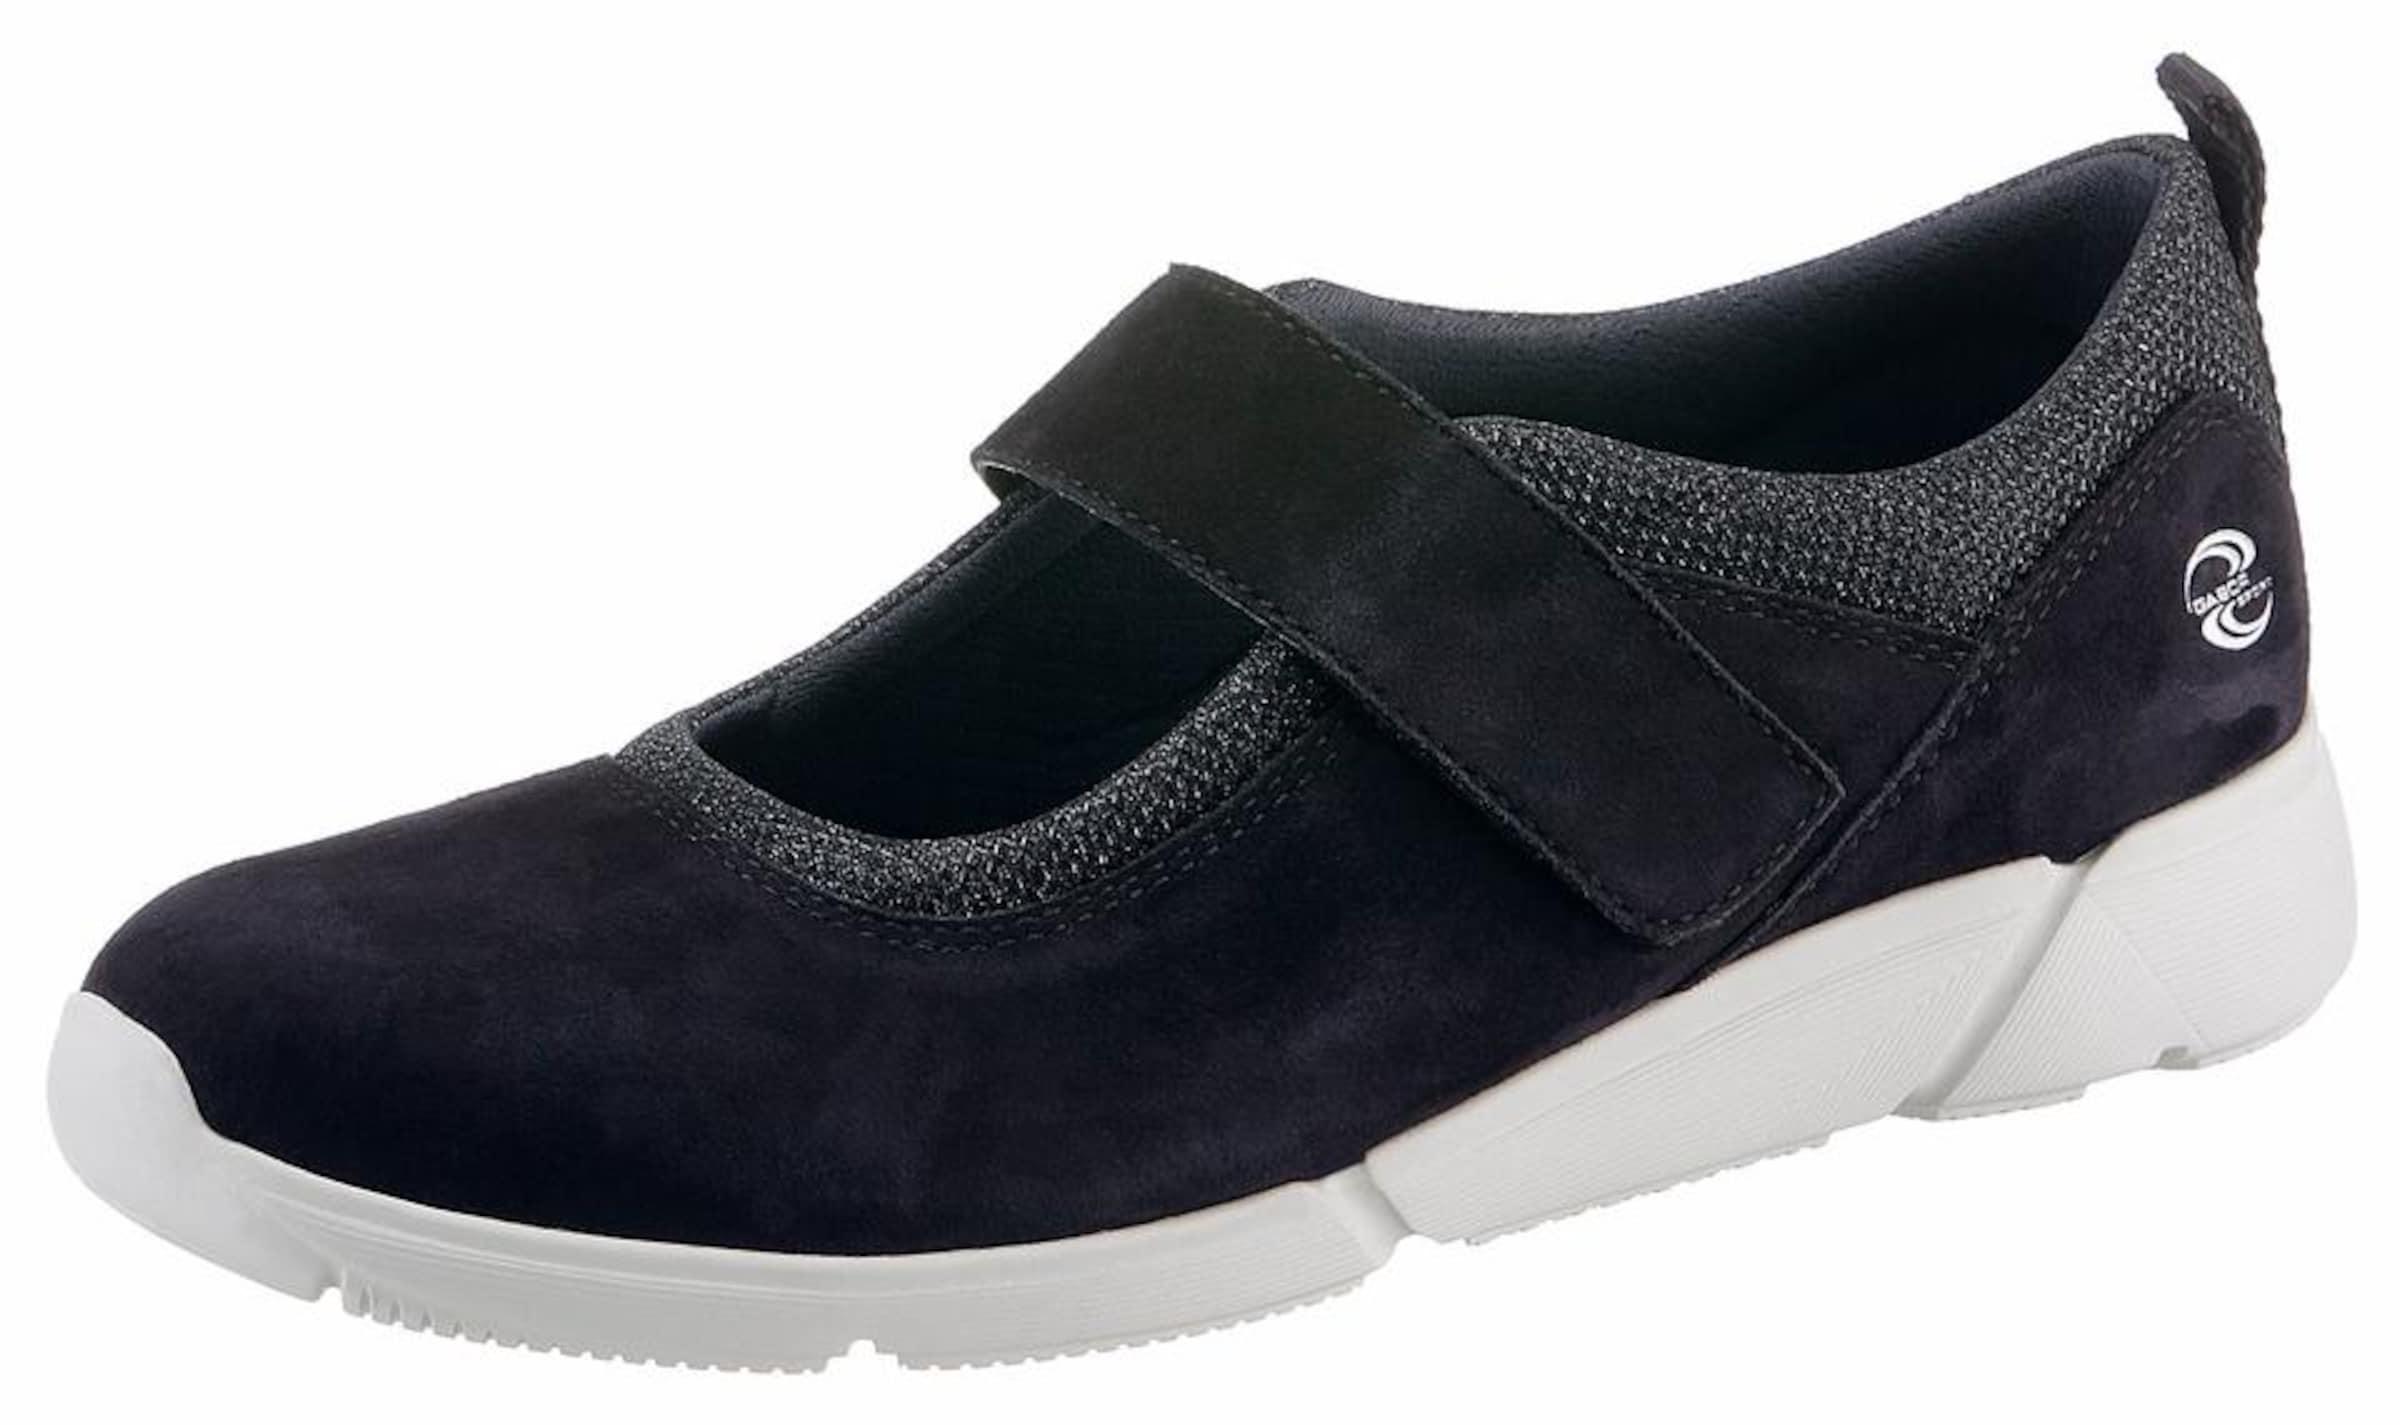 GABOR Riemchenballerina Verschleißfeste billige Schuhe Hohe Qualität